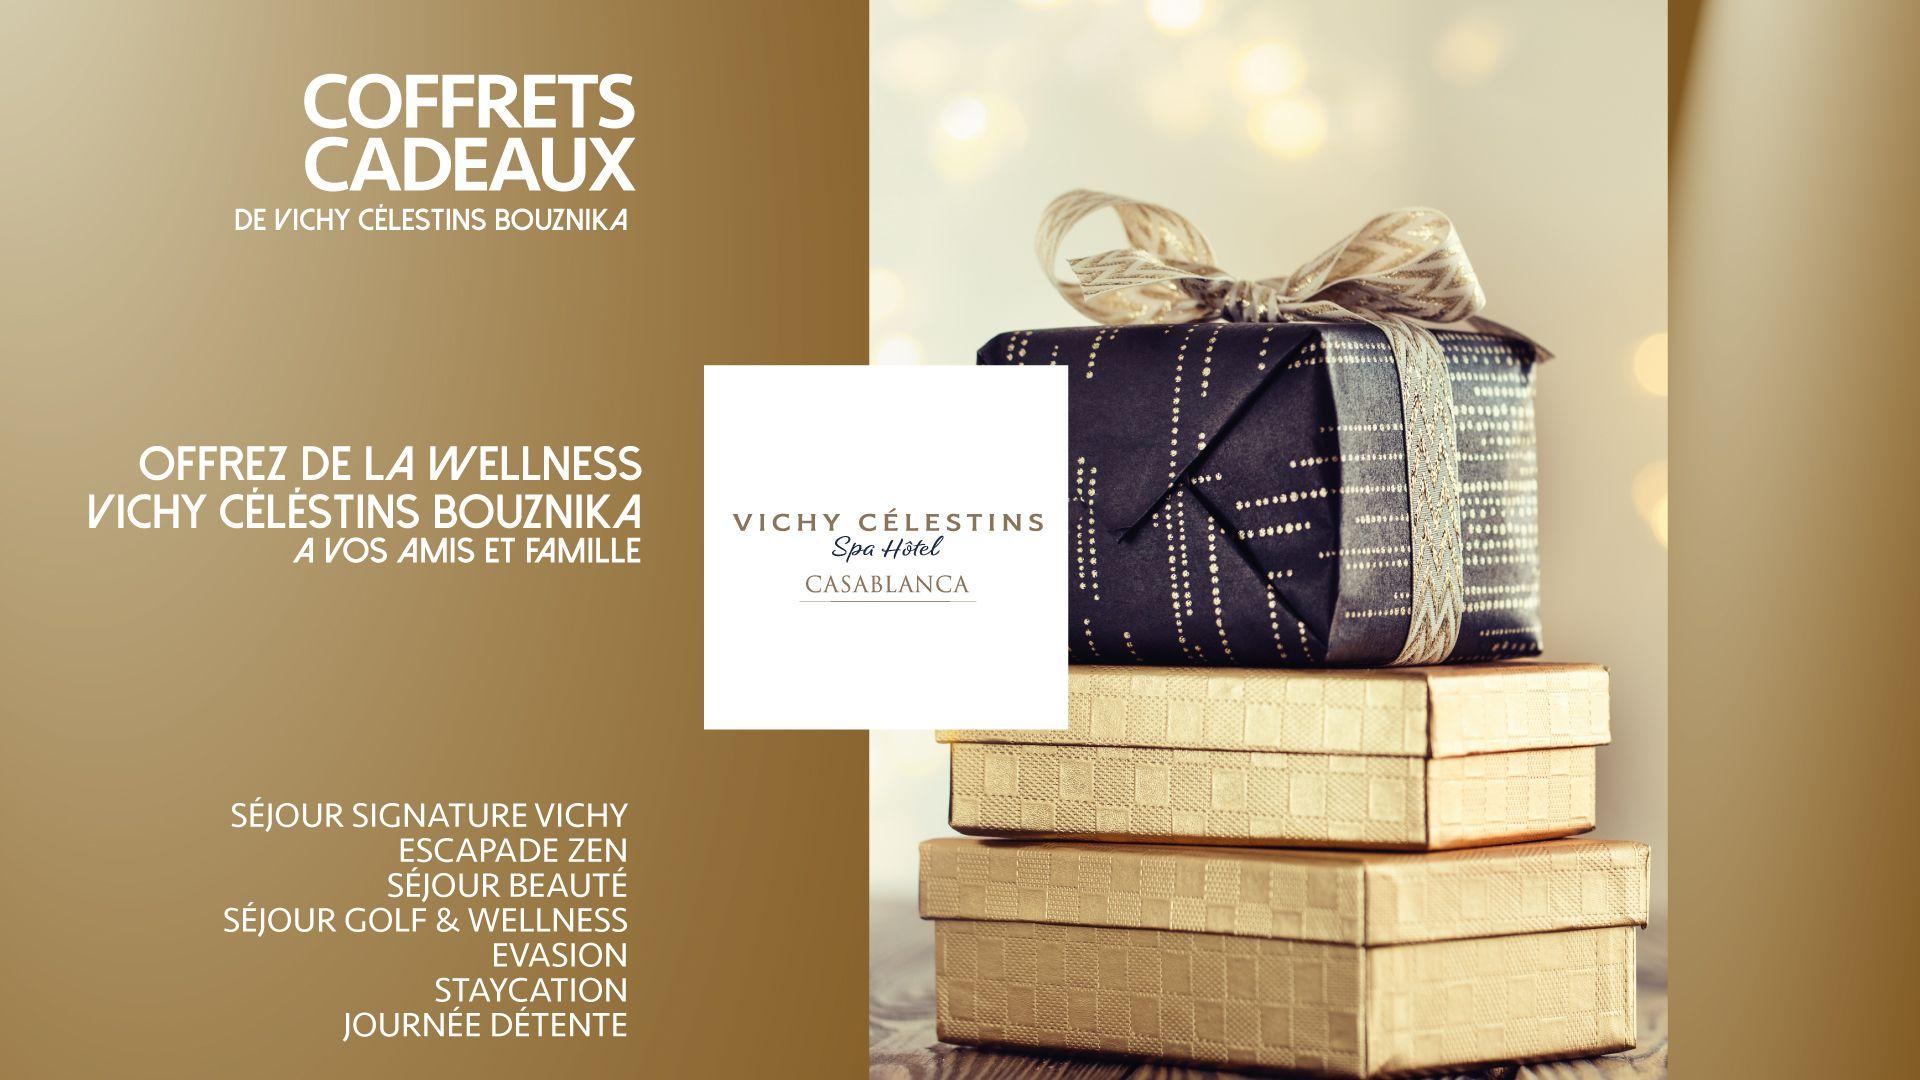 Vichy Célestins – Campagne coffrets cadeaux